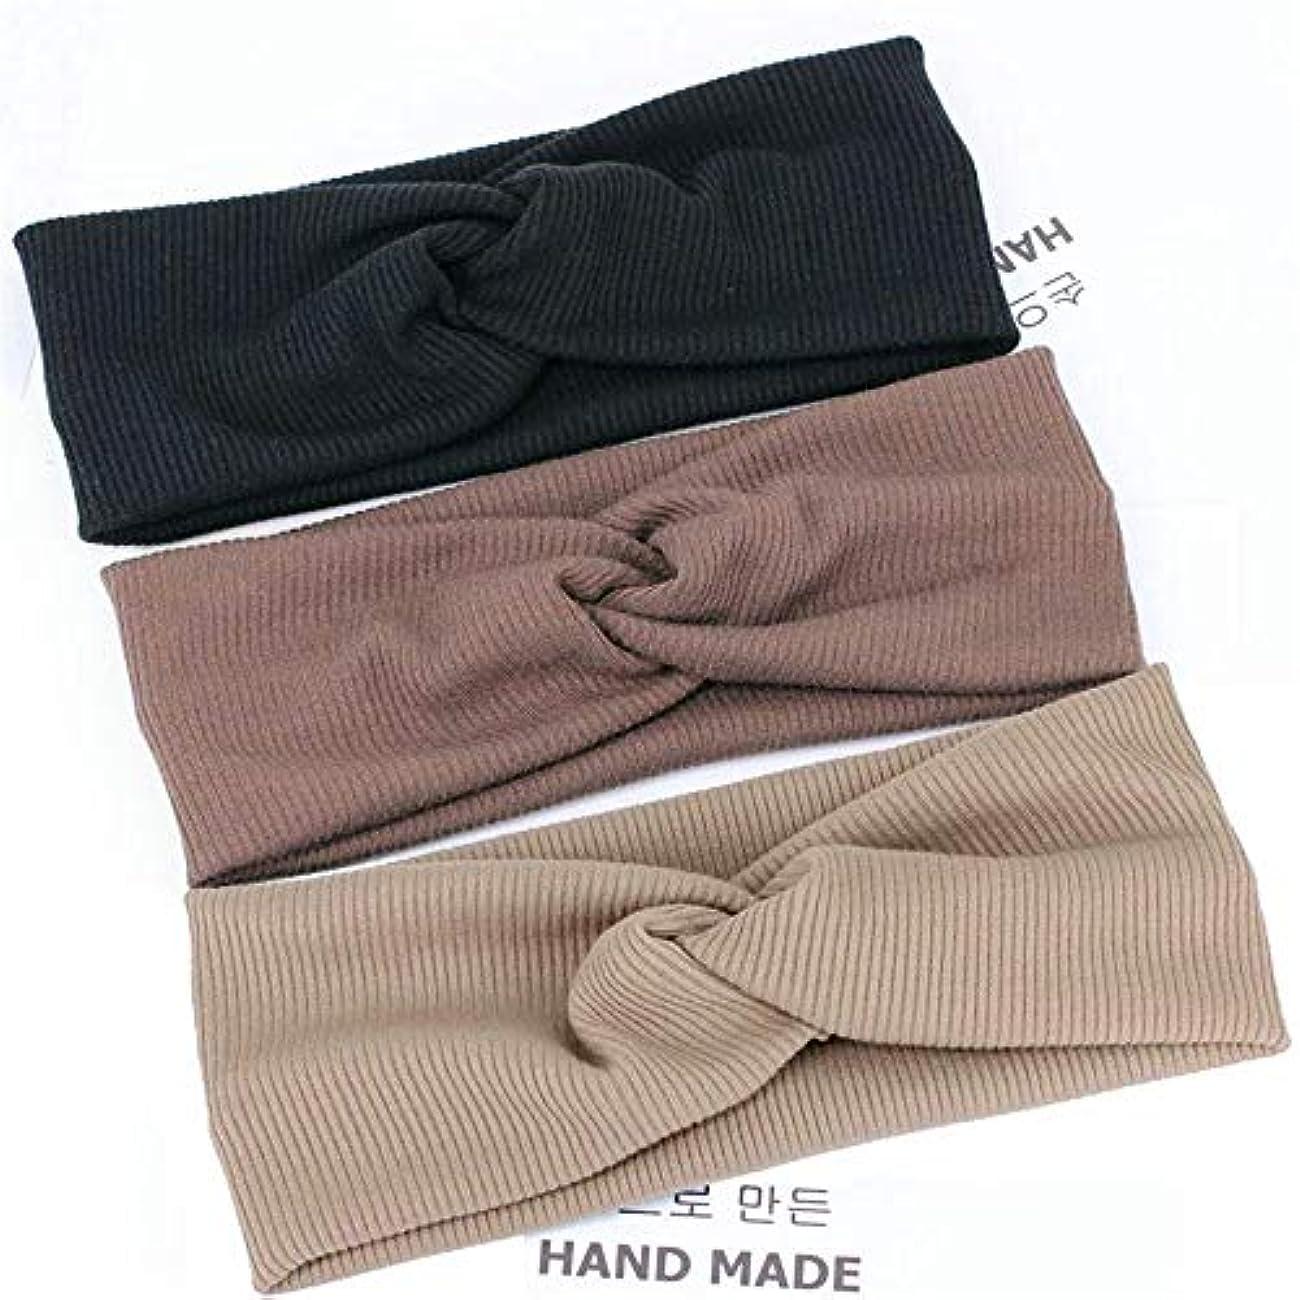 失礼なハンドブック箱Madholly 3色セット シンプルヘアバンド ヘアターバン カチューシャ 髪饰り お風呂/ヨガ/洗顔用に (ブラック&ベージュ&コーヒー色)